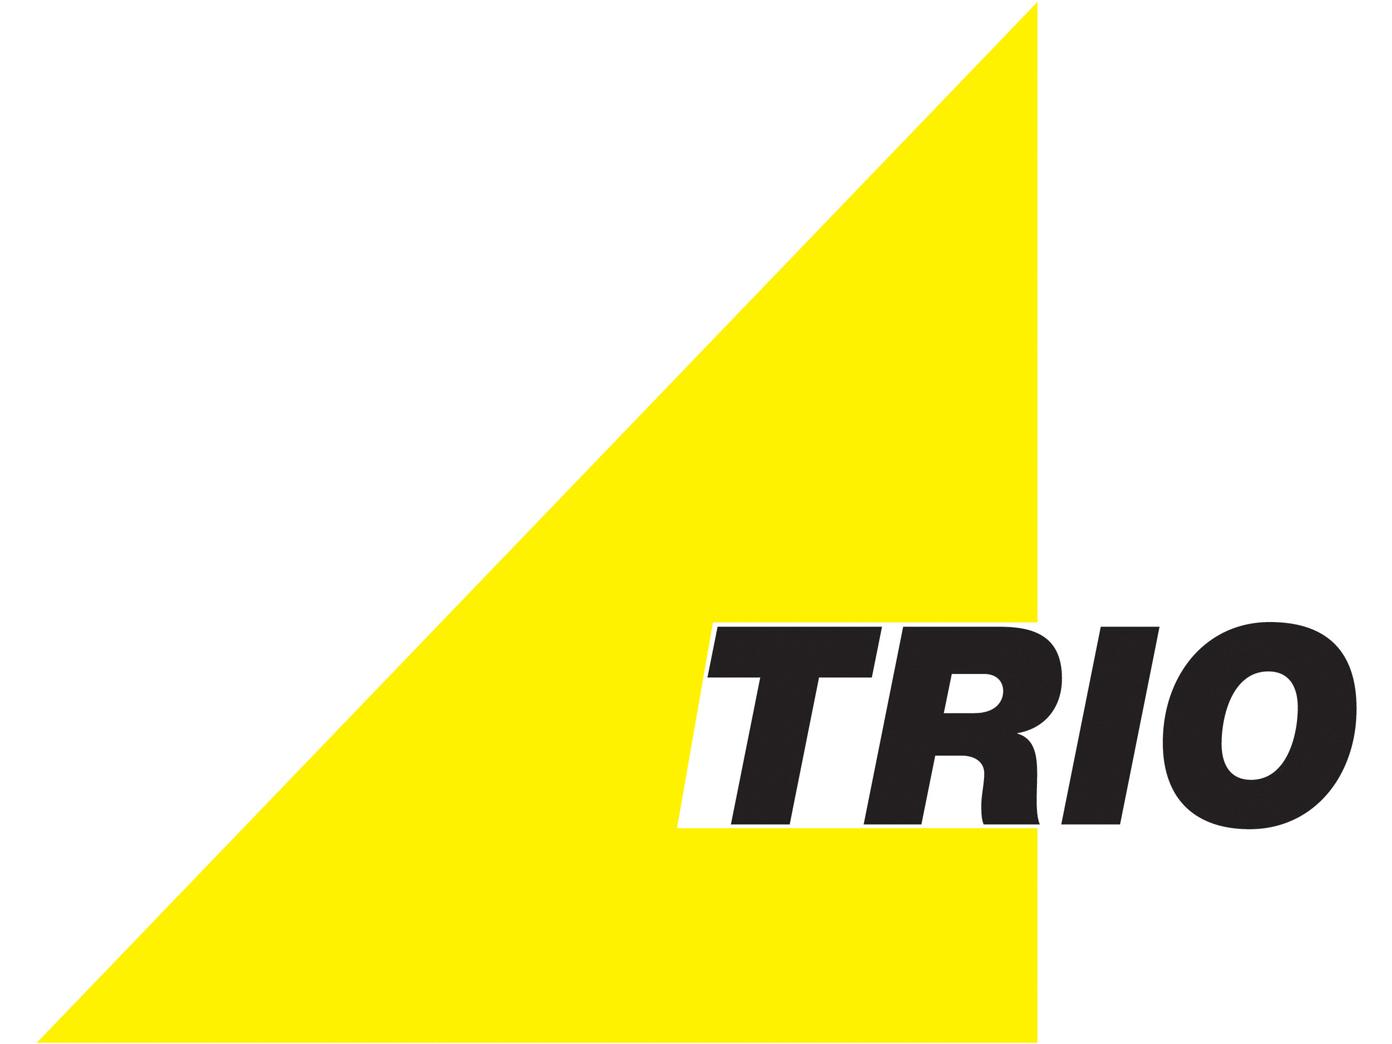 Schrankleuchte Trio Unterbauleuchten 3x 3W LED 270lm 3000K 40cm Schalter